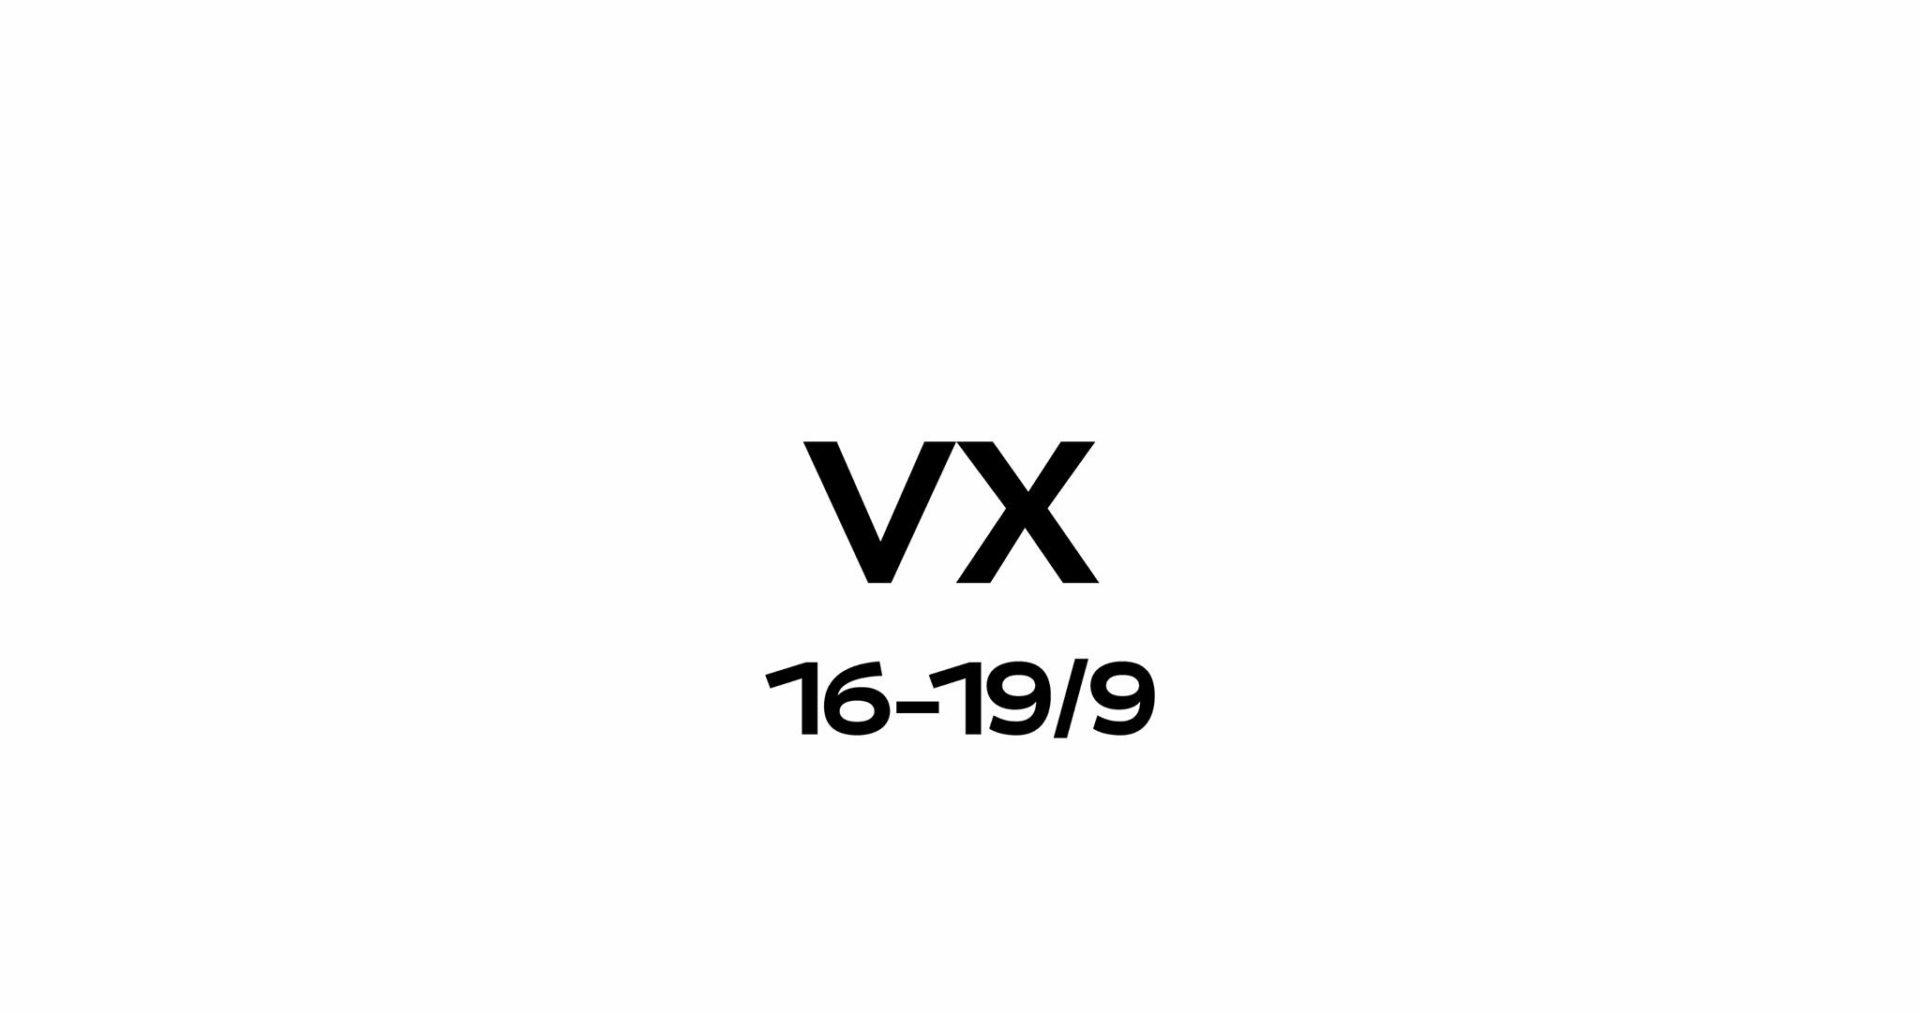 Vladimir Film Festival VX